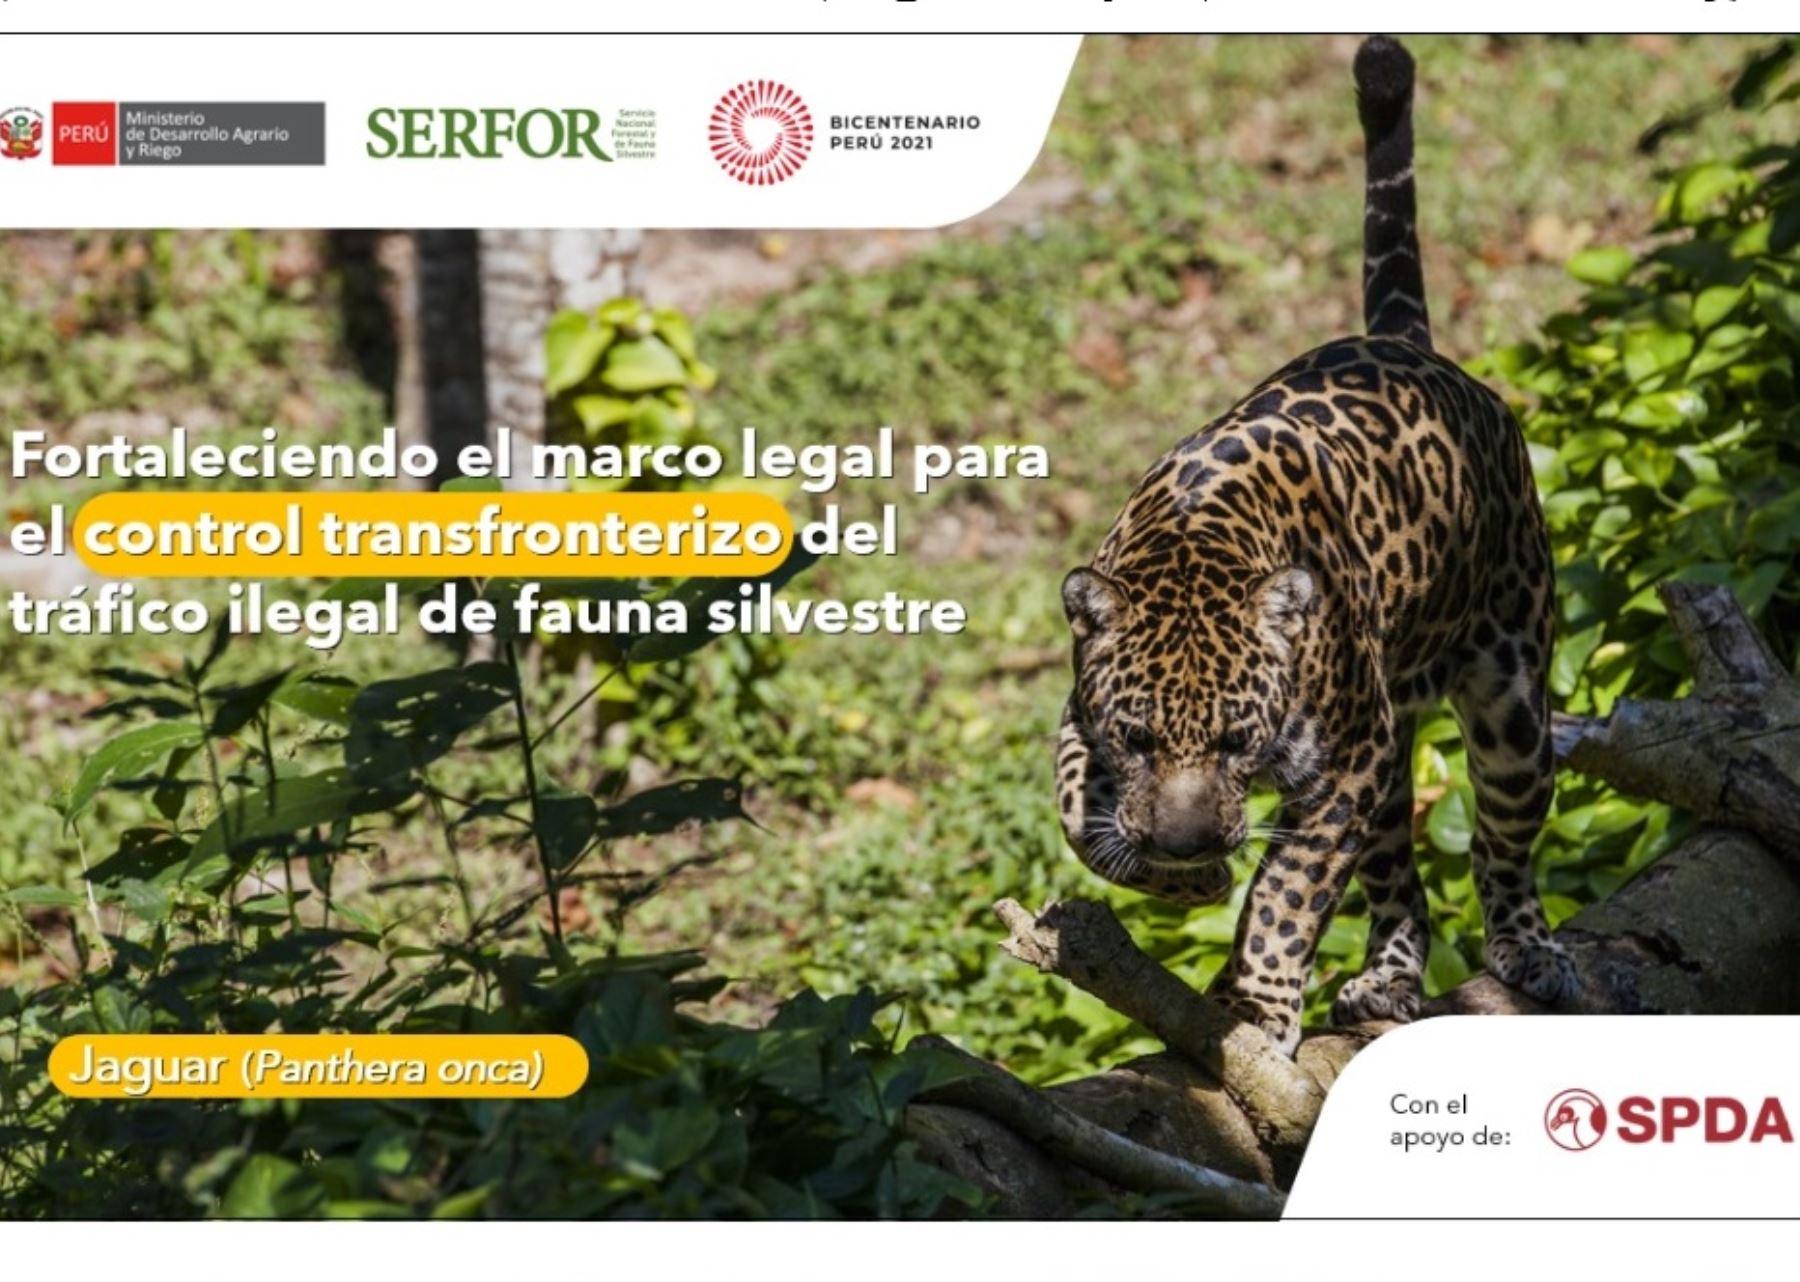 Serfor y el gobierno británico unen esfuerzos para mejorar el control fronterizo y combatir el tráfico de fauna silvestre con el apoyo de los gobiernos regionales y locales.